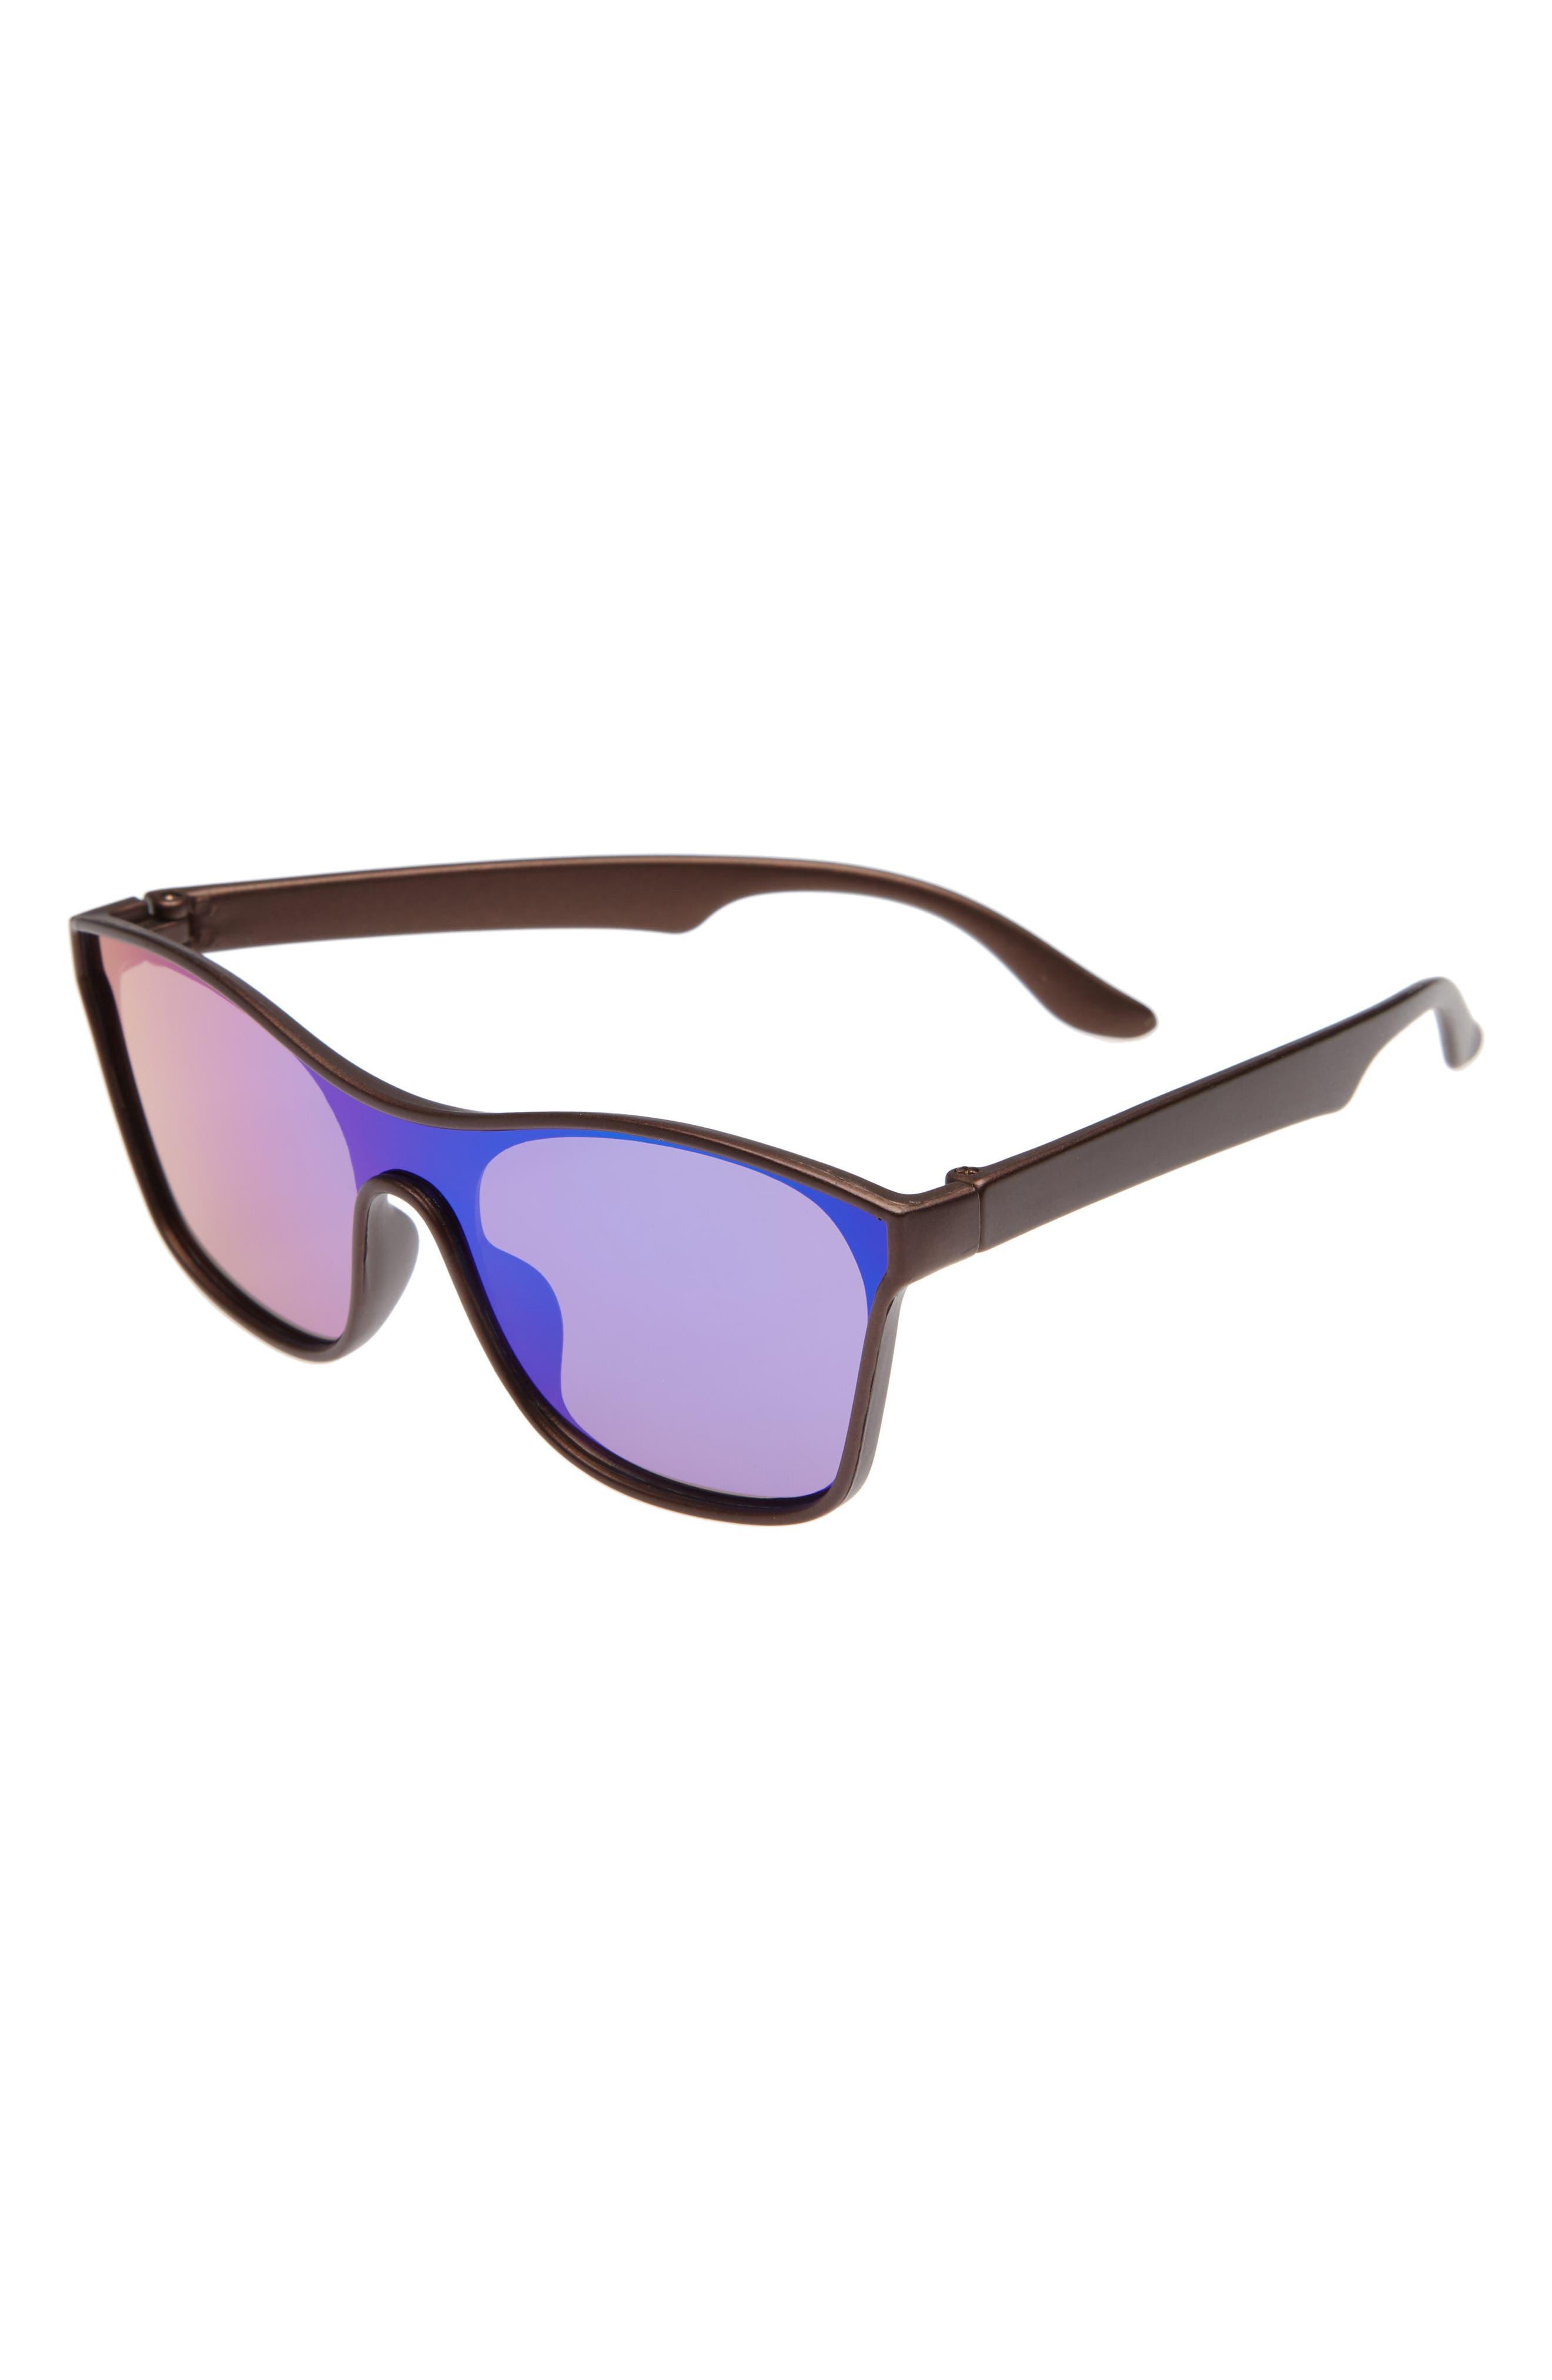 Mirrored Sunglasses,                         Main,                         color,